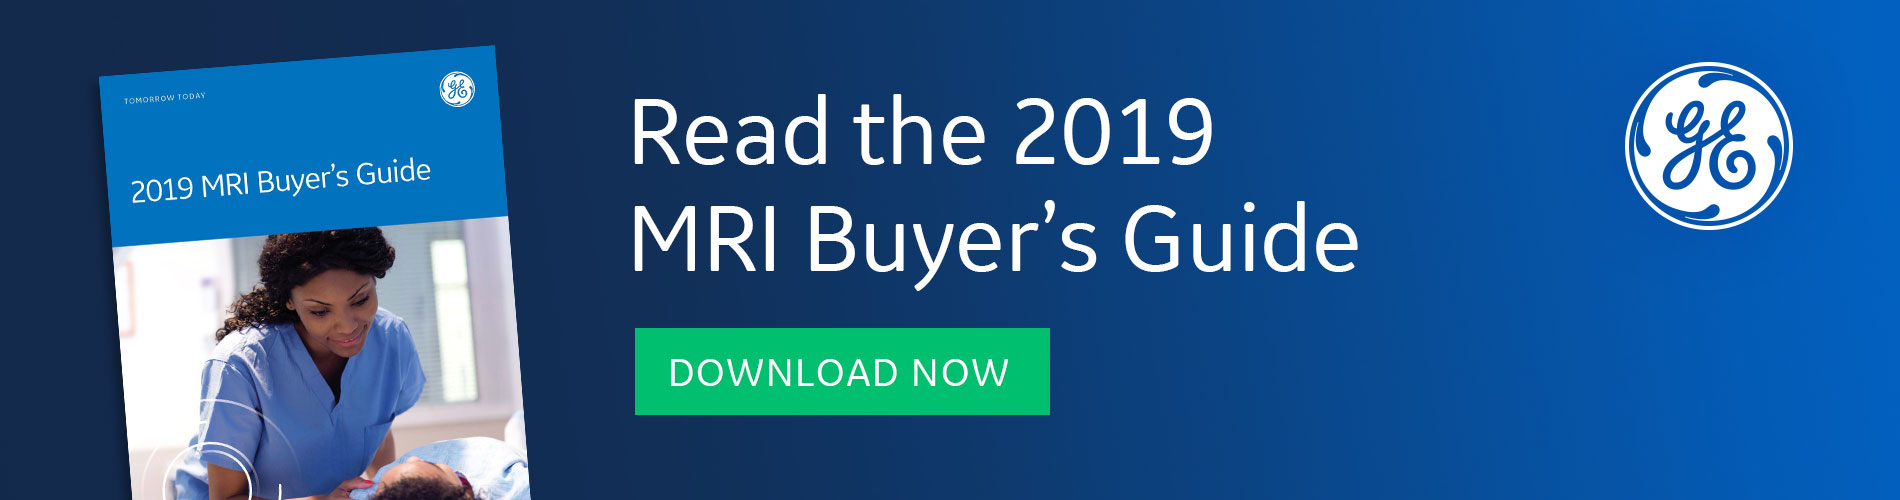 2019 Buyer's Guide Dark